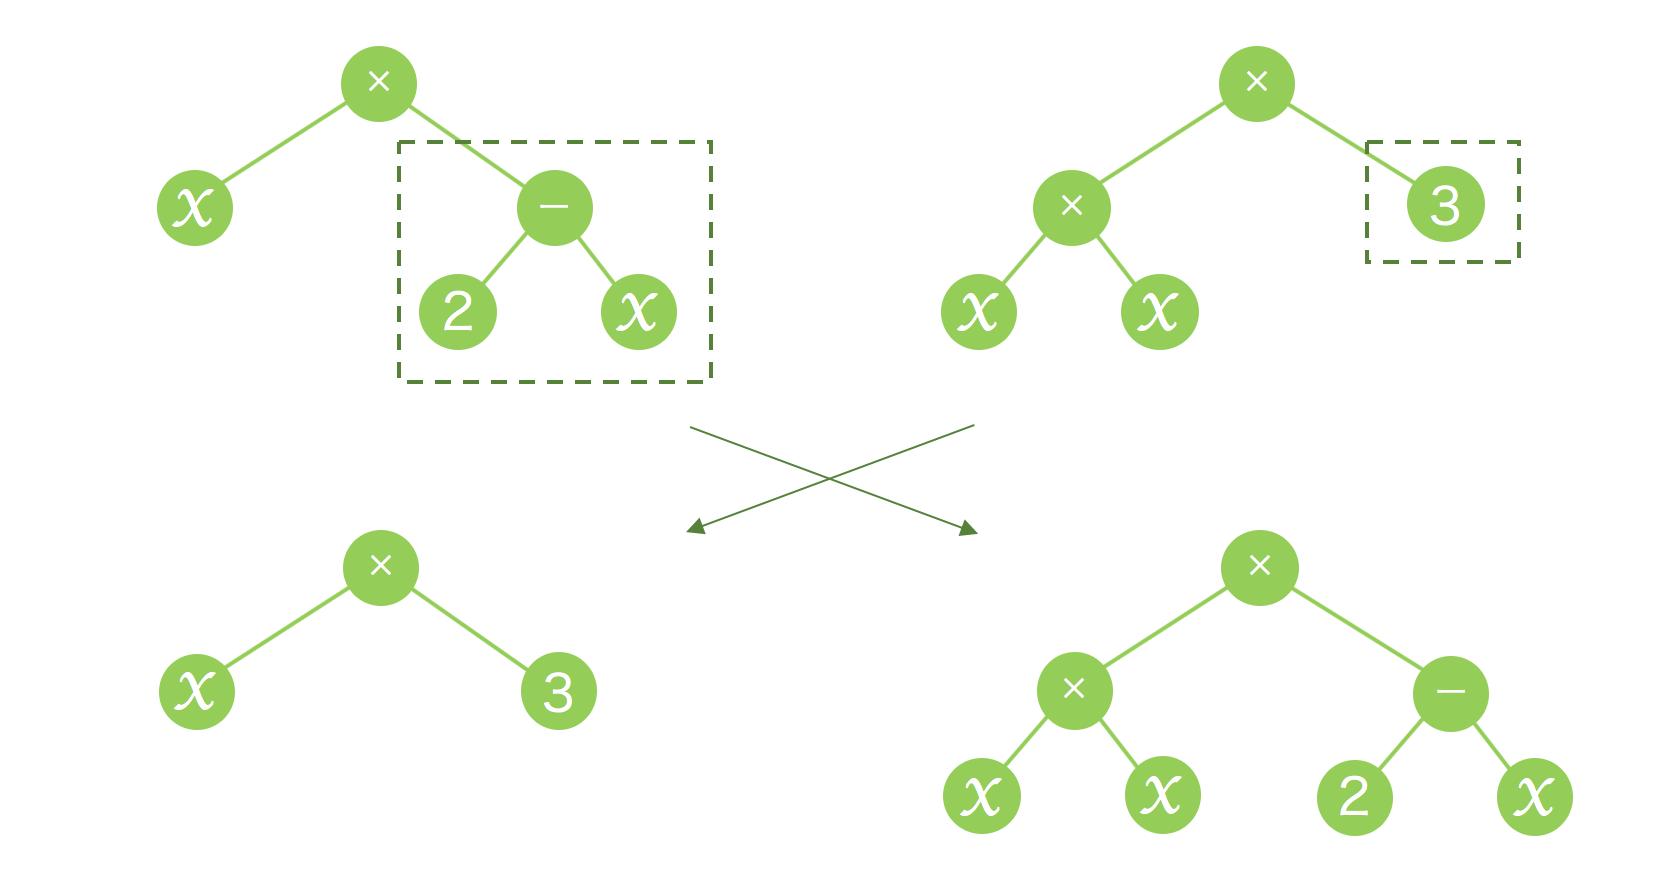 遺伝的プログラミング交叉.png